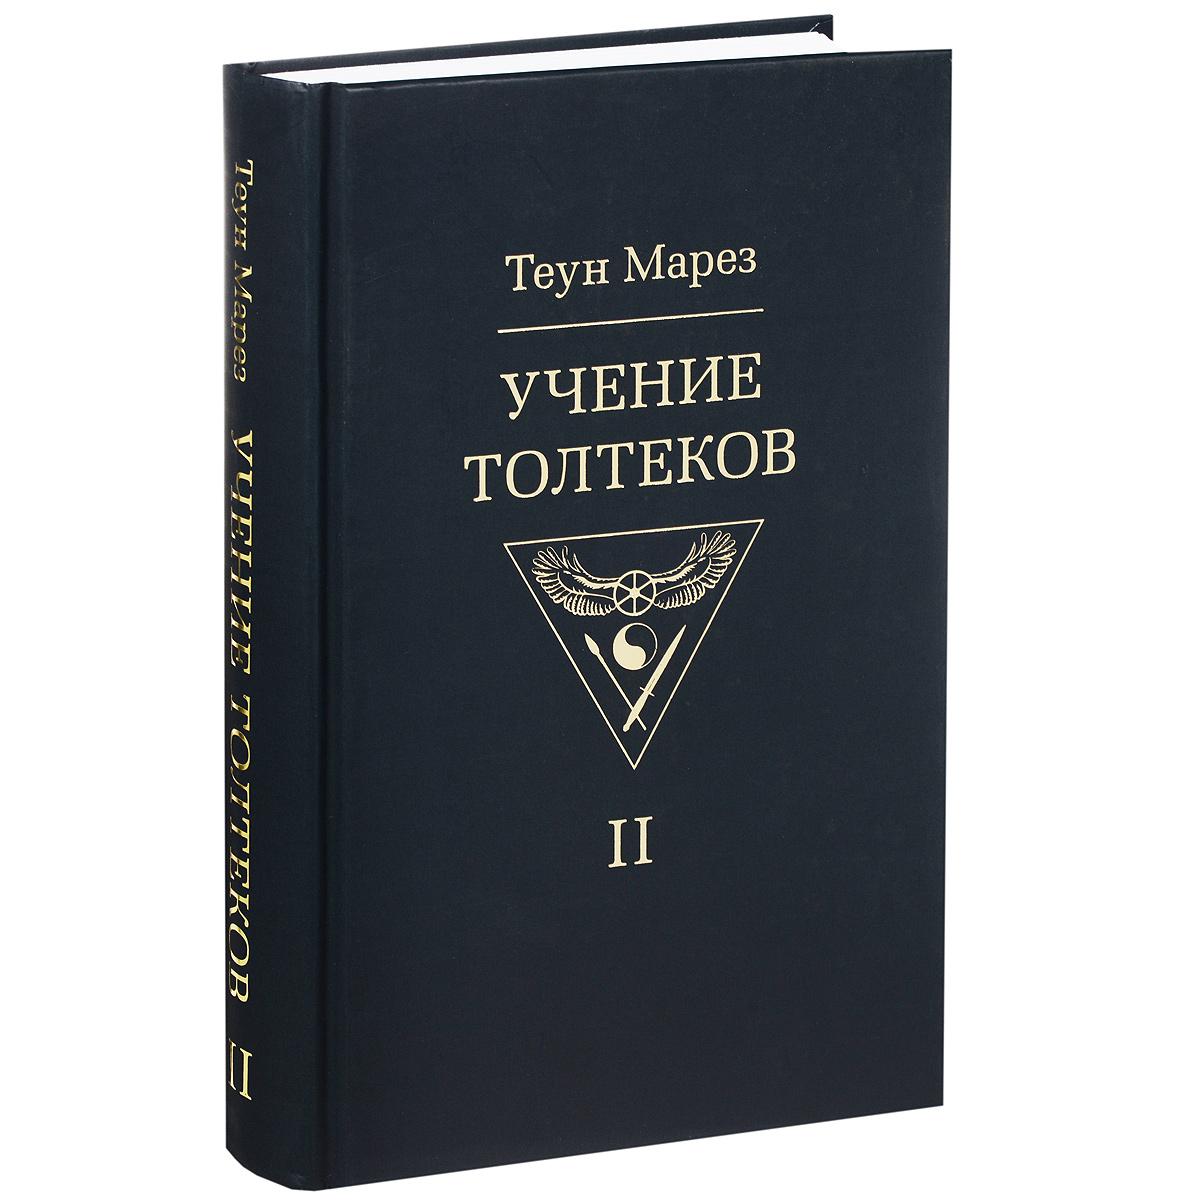 Теун Марез Учение Толтеков. Том 2 философия гегеля как учение о конкретности бога и человека том 2 учение о человеке